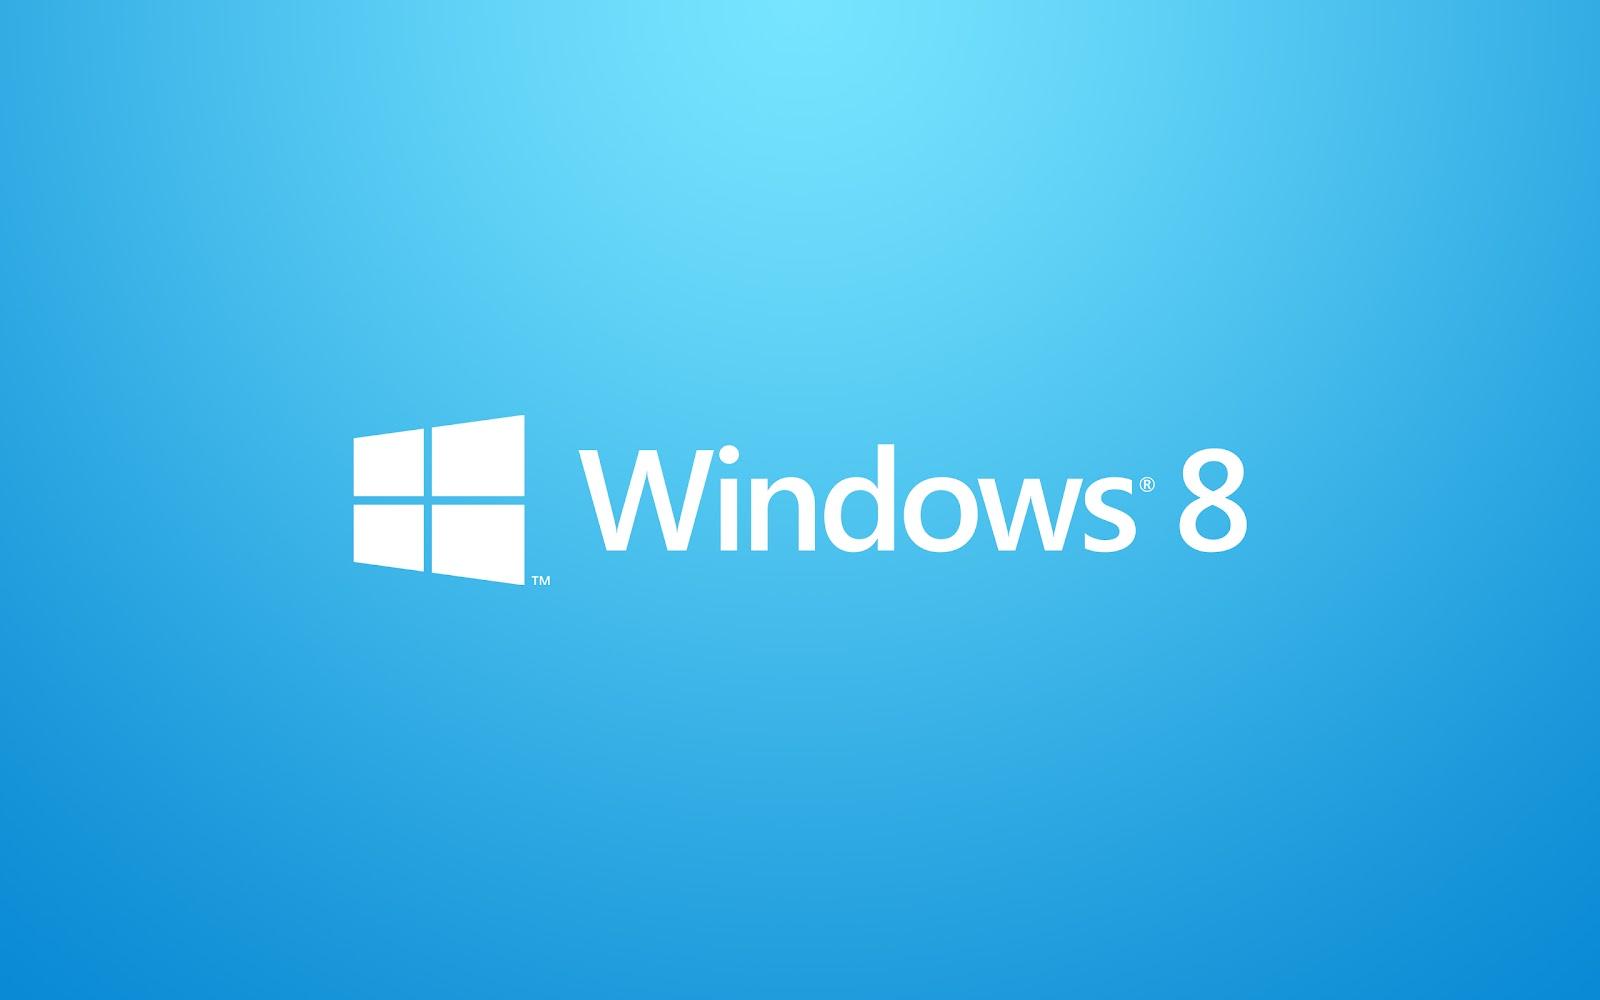 http://1.bp.blogspot.com/-lhu1WXnkmaY/UAFXBRiuk8I/AAAAAAAAADk/YPZH_-sp8mo/s1600/windows_8_wallpaper_by_aquil4-d4qx06e-+%5BDJMusiczone.com%5D.jpg